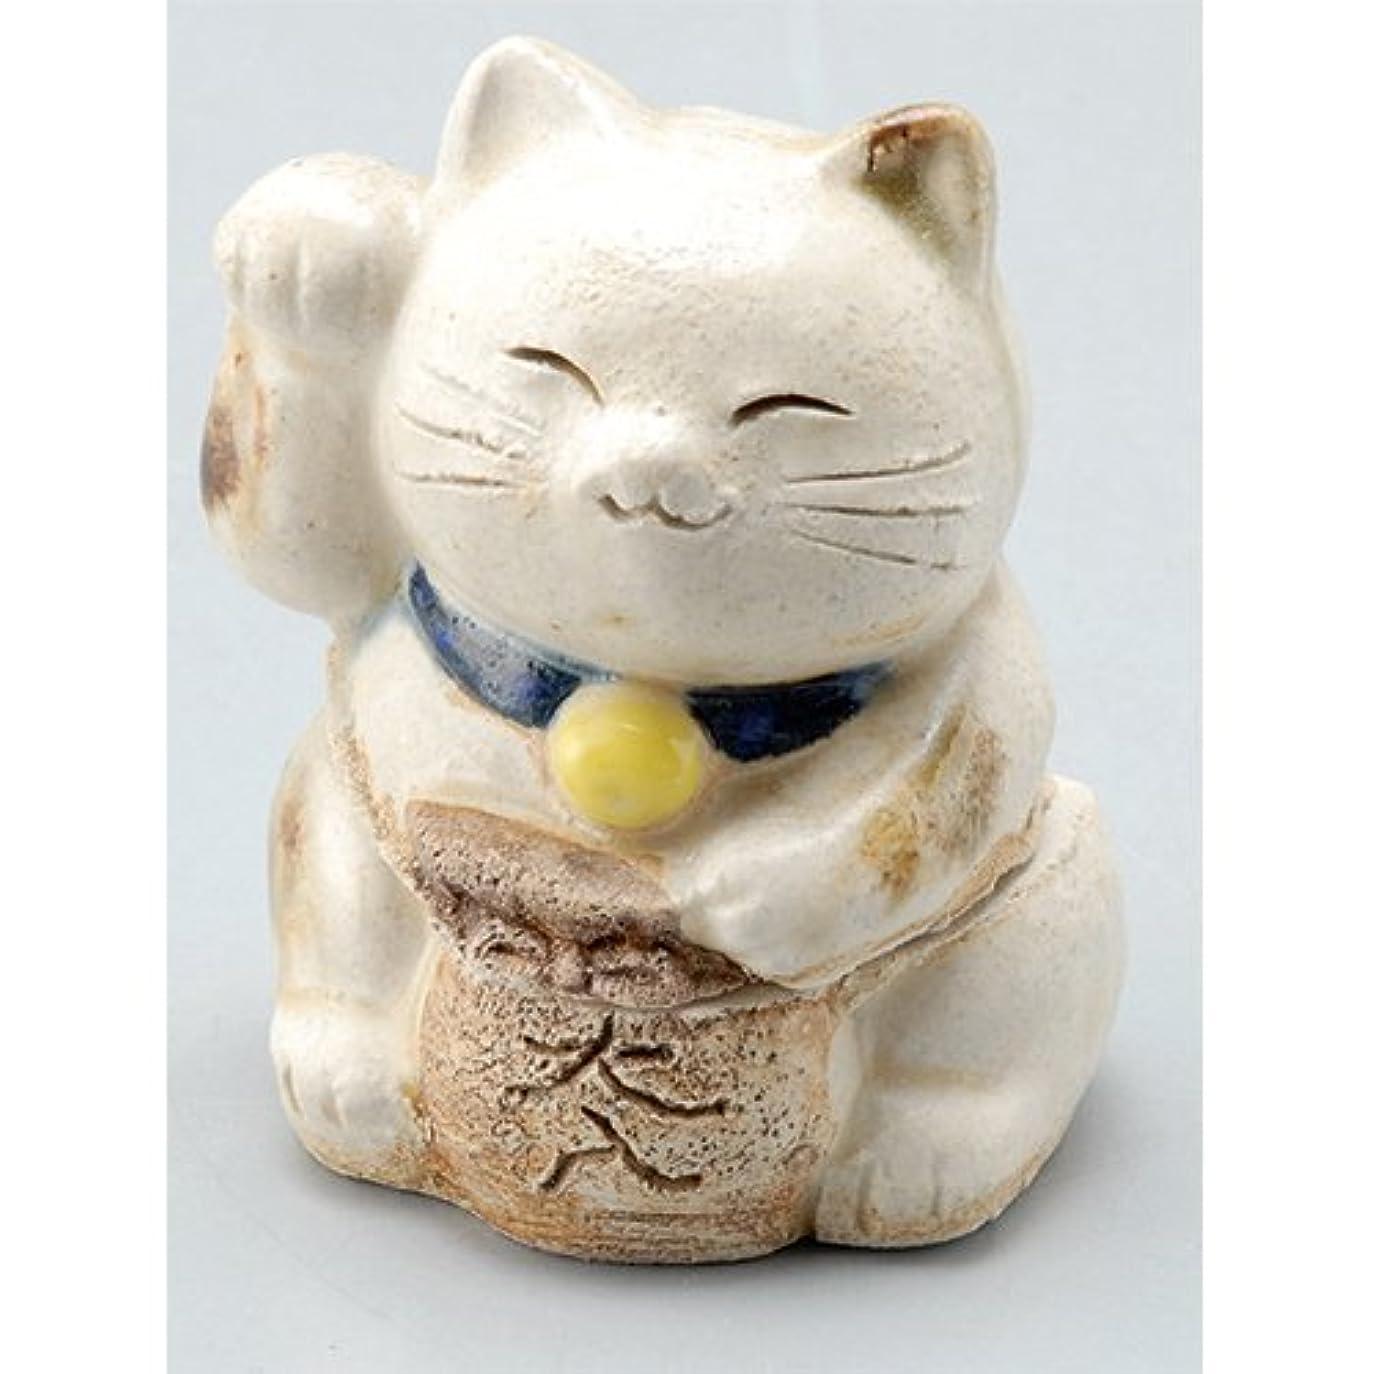 シェア農場疲労香炉 飾り香炉(招き猫) [H7cm] HANDMADE プレゼント ギフト 和食器 かわいい インテリア